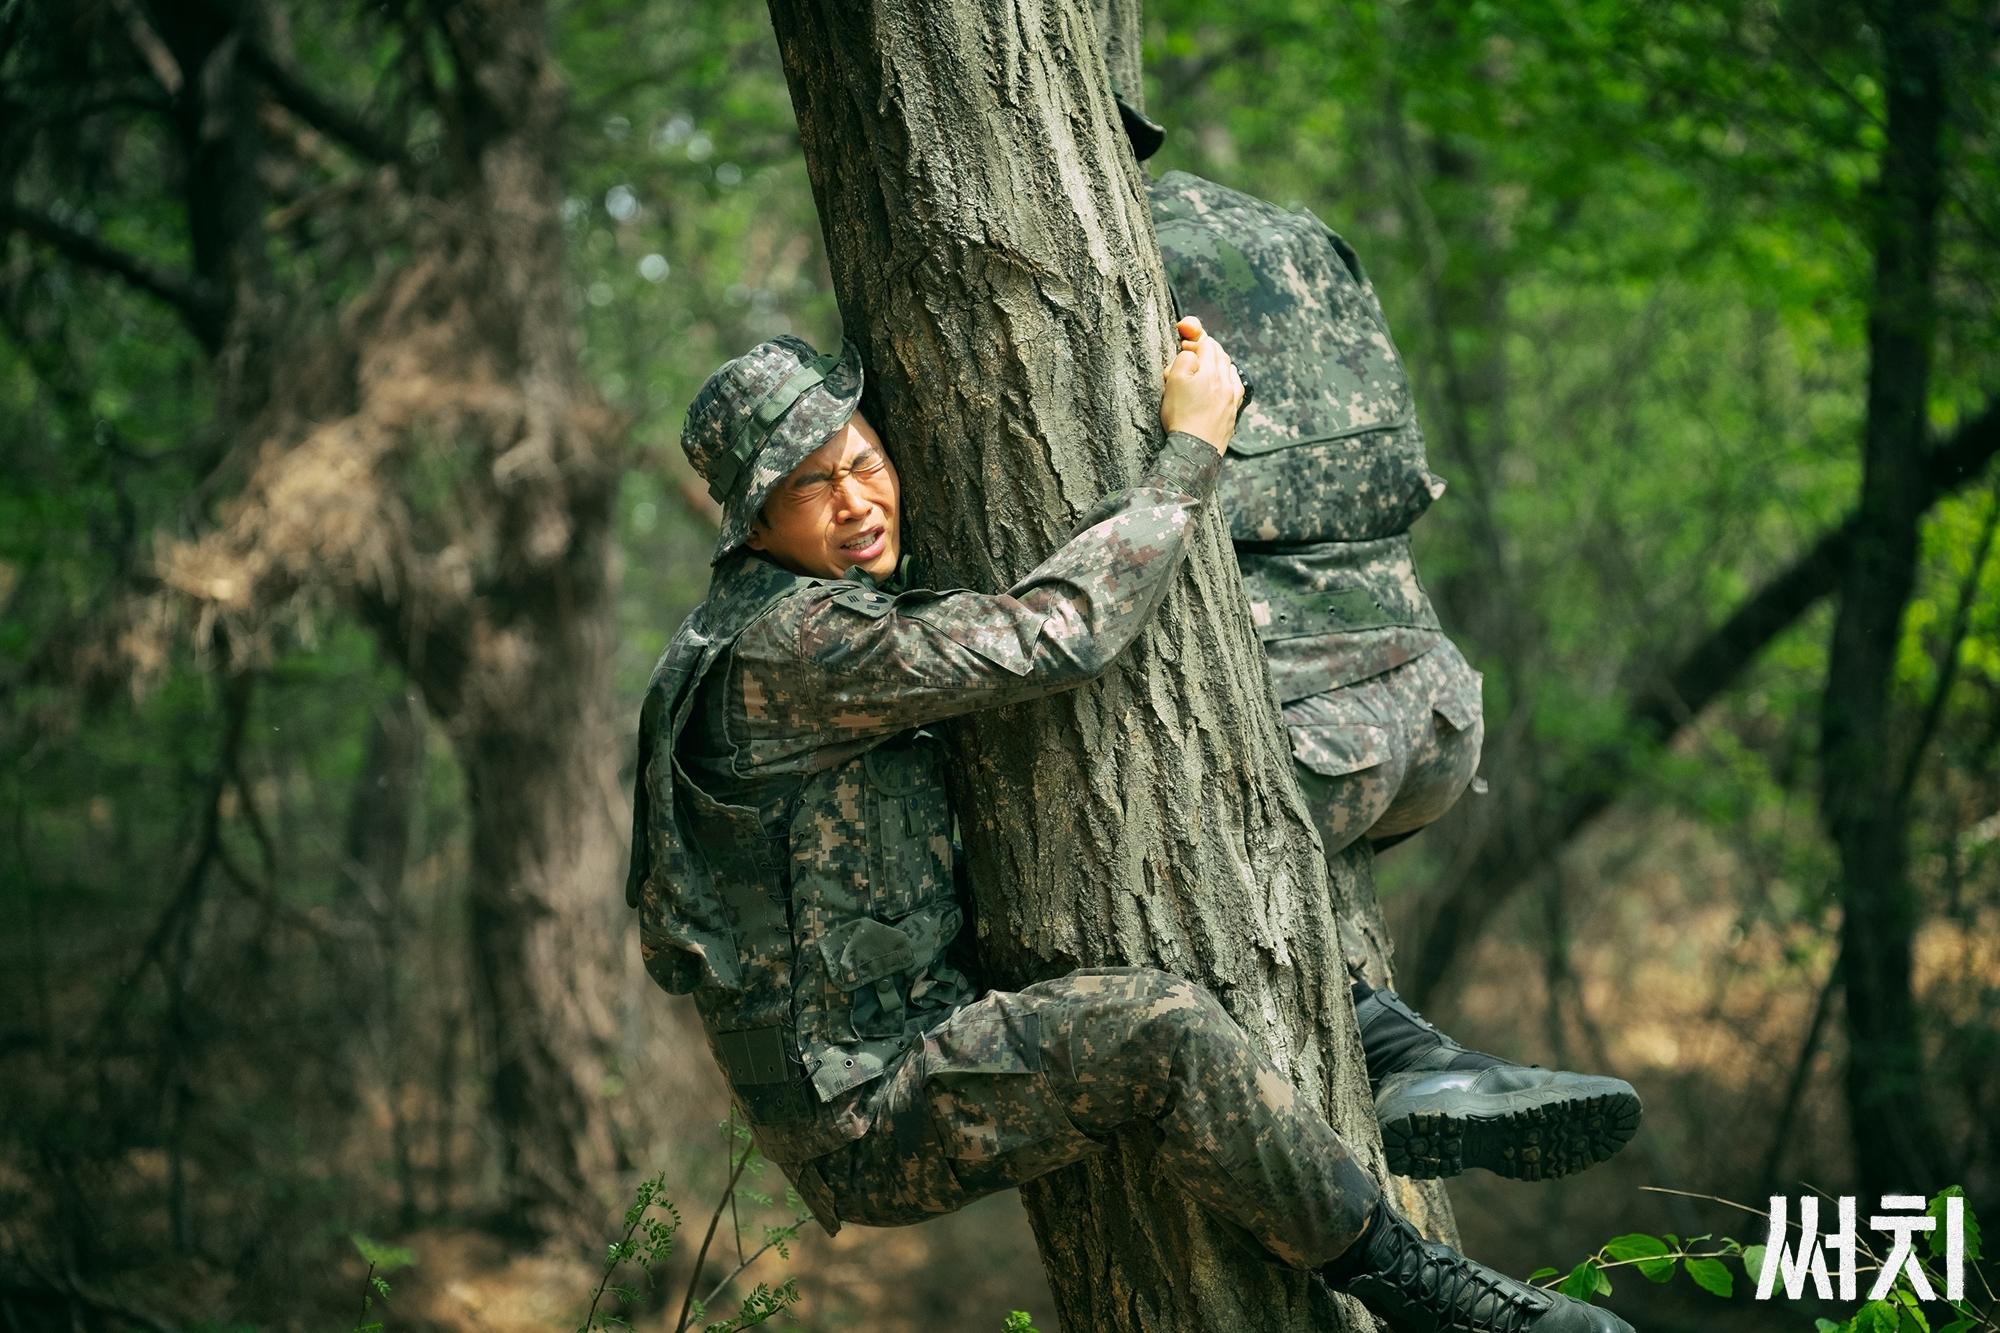 这些剧情太智障,这部豆瓣7.7分的韩剧是在黑韩国军人吧?插图5